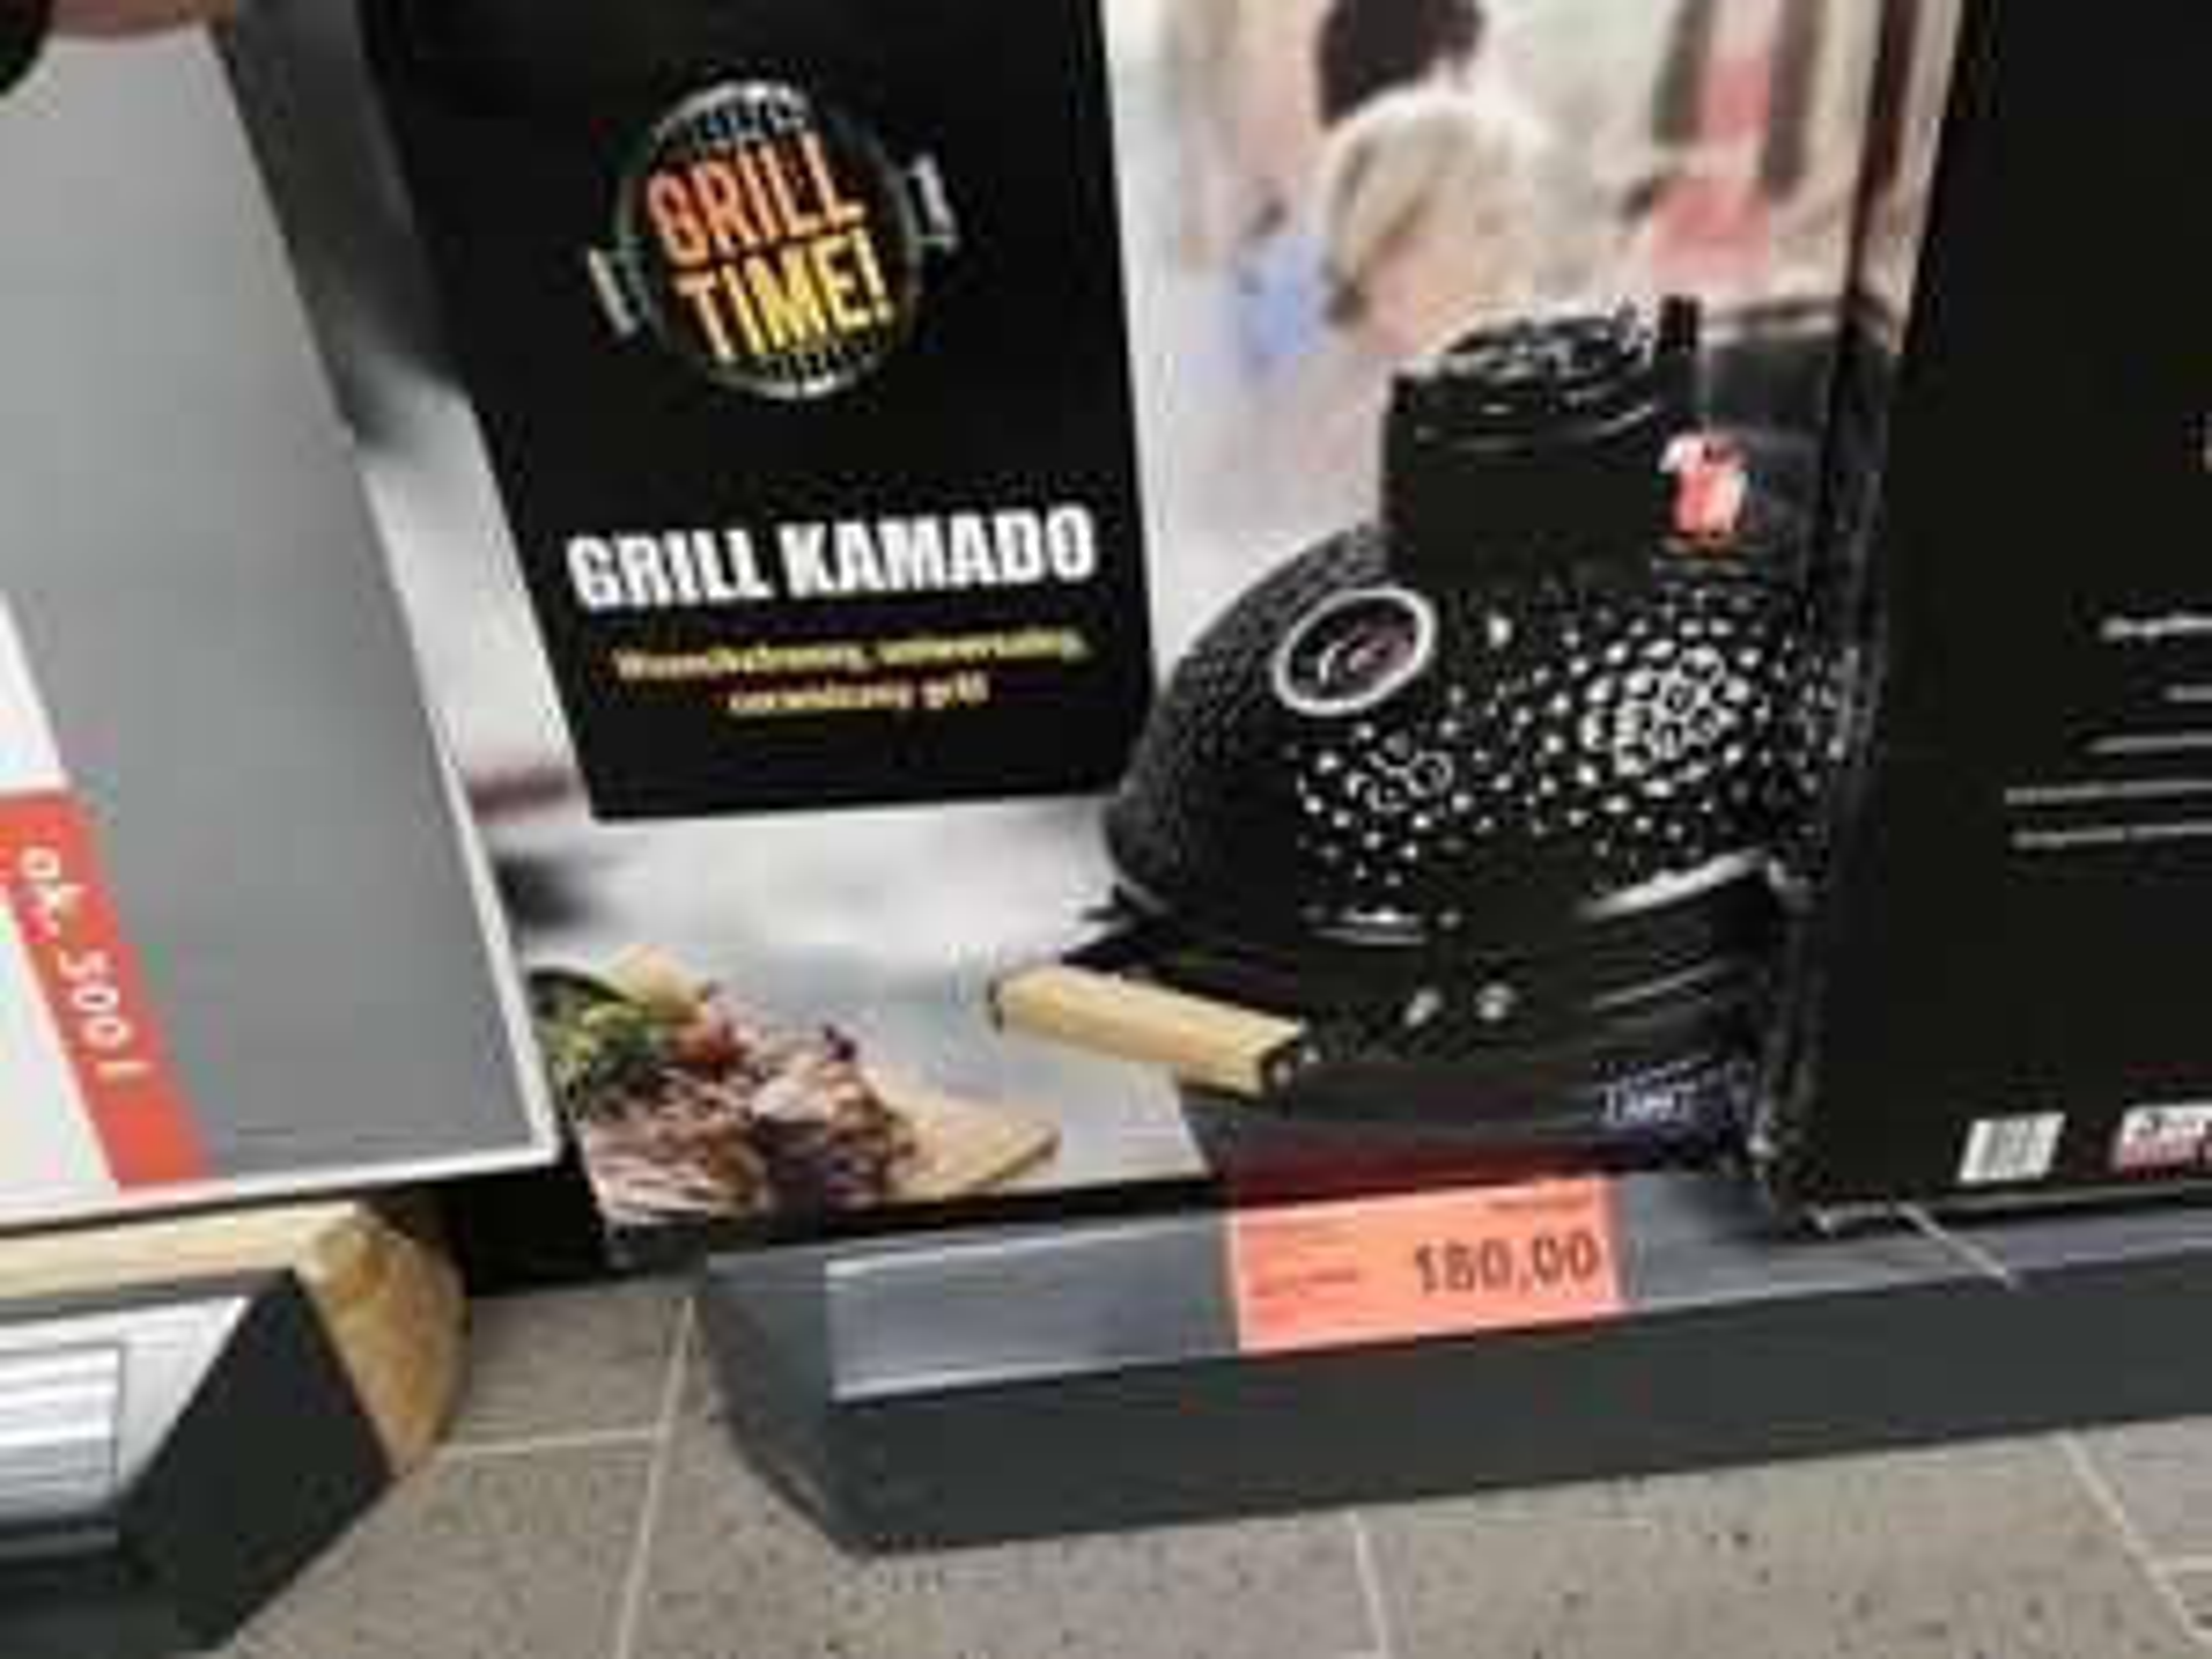 Grill ceramiczny Kamado ALDI Rzeszów